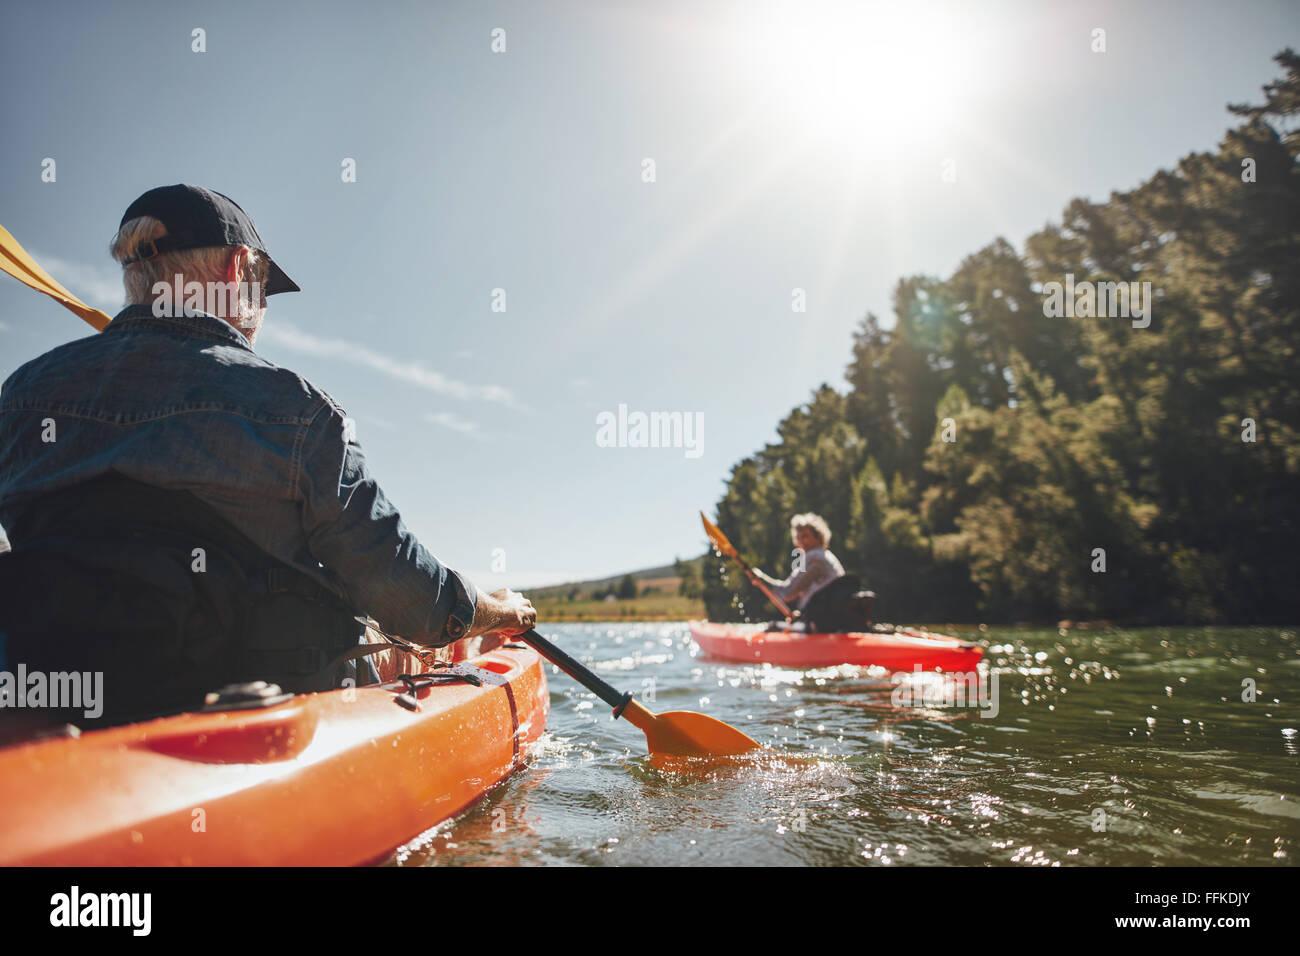 Immagine della coppia senior canoa nel lago in una giornata di sole. Kayakers nel lago di remata. Immagini Stock